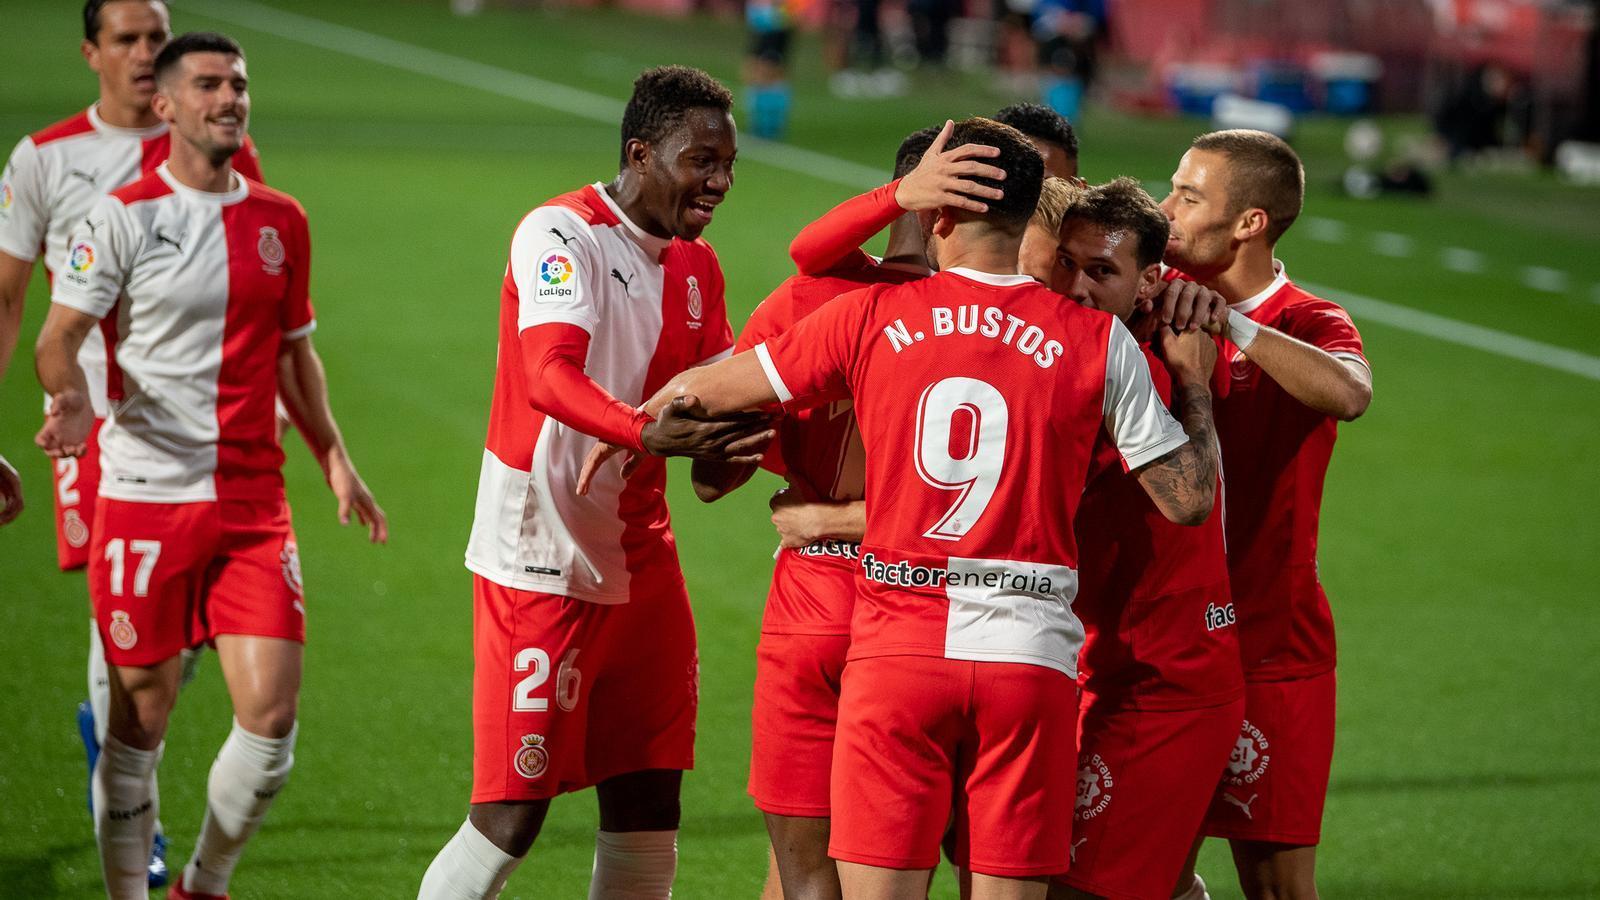 Els jugadors del Girona celebren un dels gols contra el Cartagena